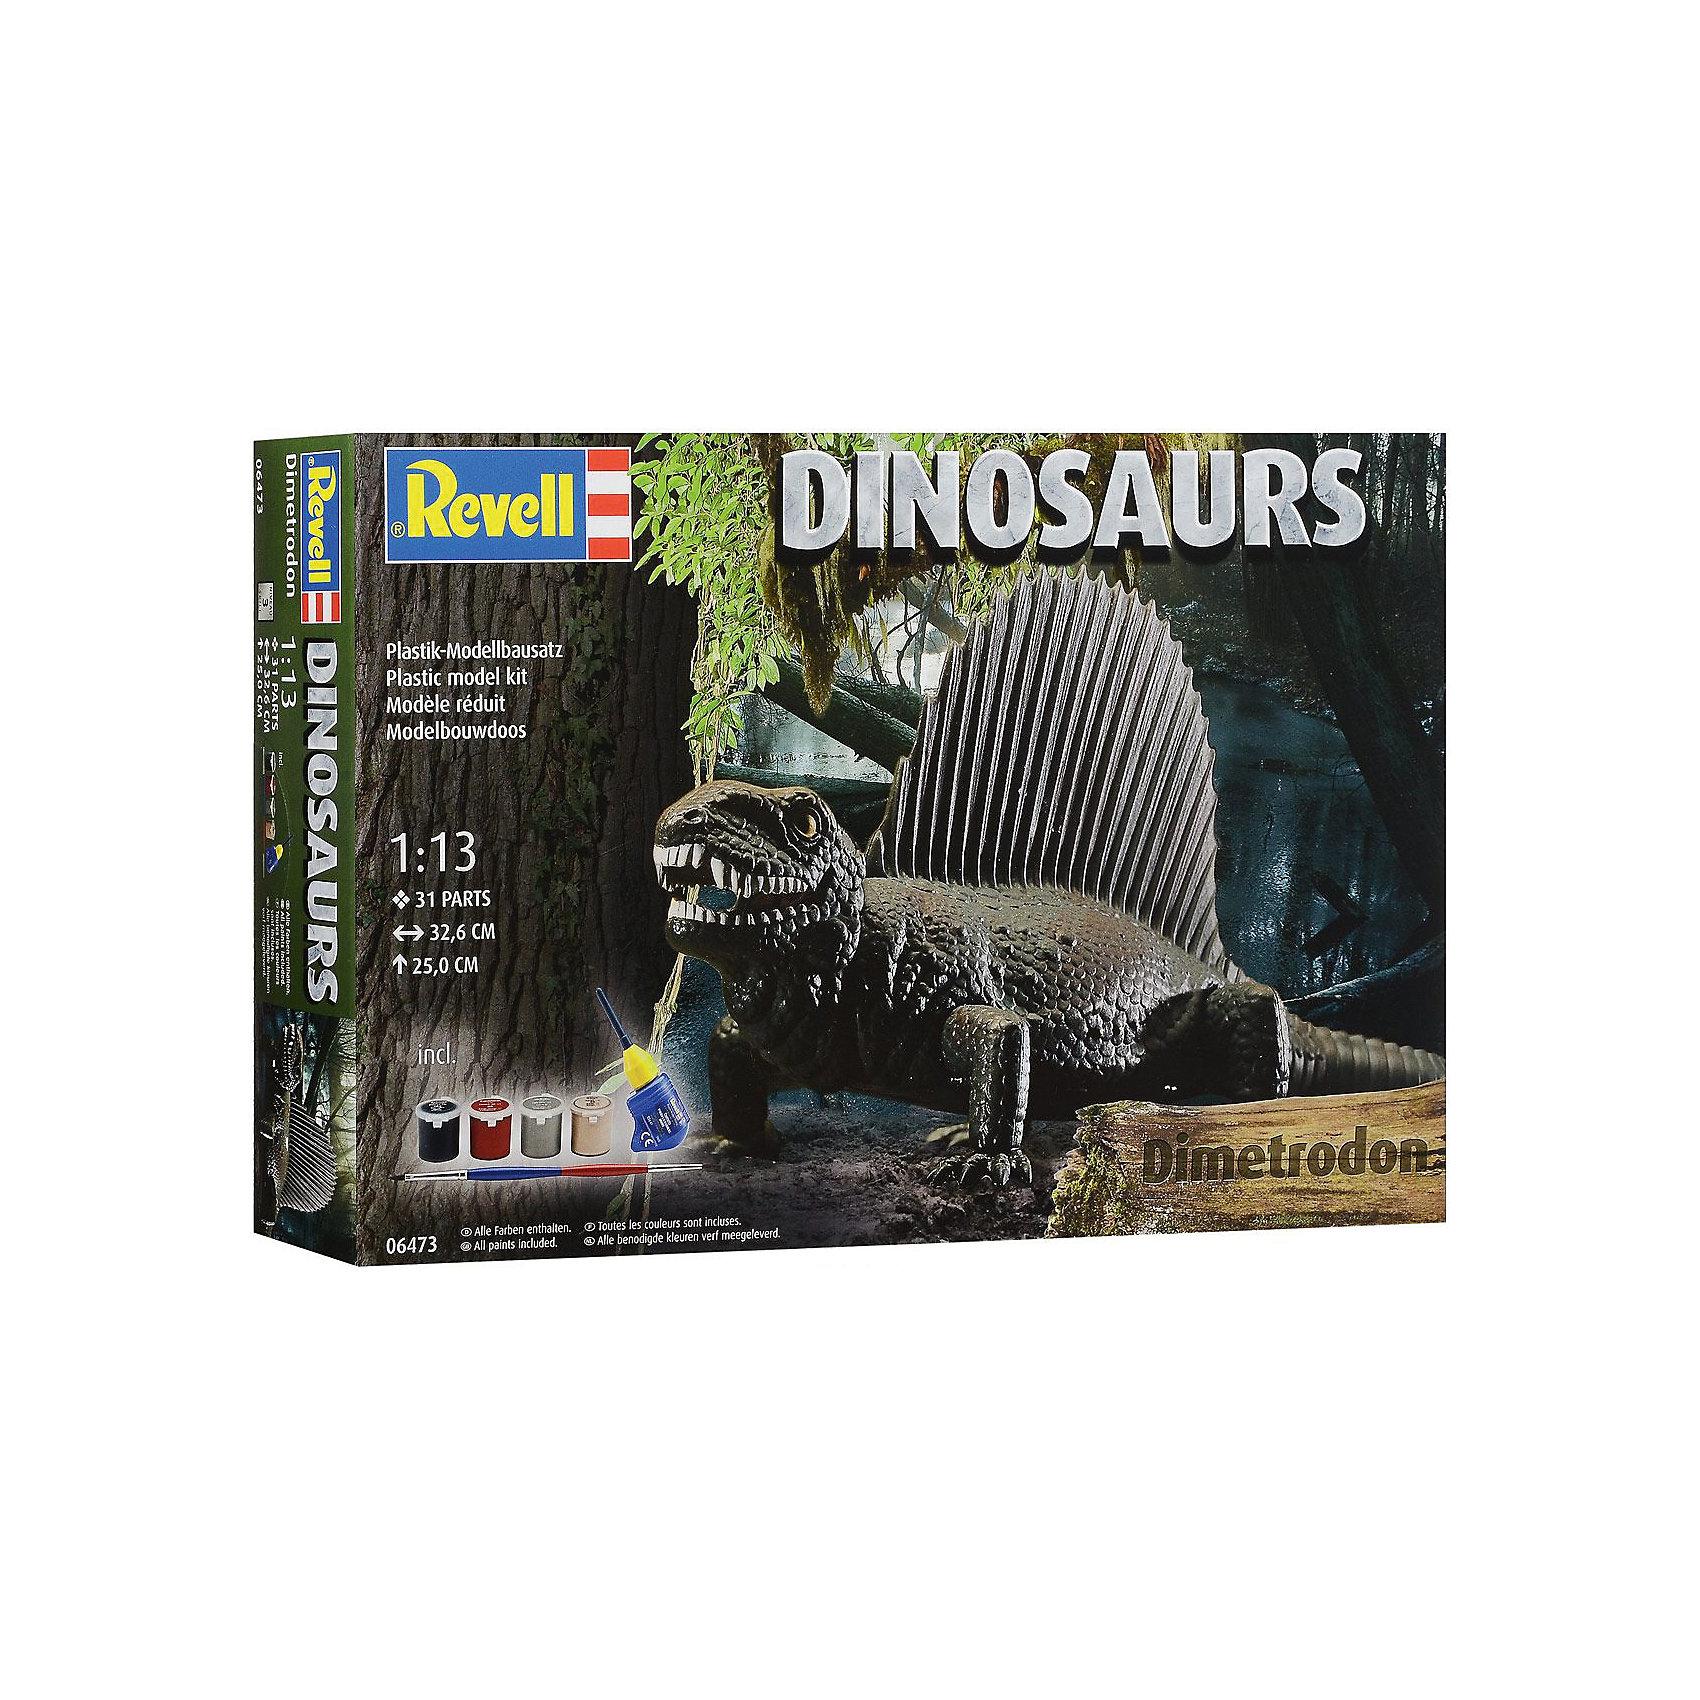 ДиметродонДраконы и динозавры<br>Диметродон – это сборная модель динозавра от компании Ревелл. Все детали модели выполнены из пластика. Они имеют специальные зажимы, которые позволят собрать модель без склеивания. Но для лучшей прочности рекомендуется использовать клей для пластика. После сборки динозавра необходимо самостоятельно покрасить. <br>В собранном виде Диметродон достигает в высоту 25 сантиметров. Модель состоит из 31 деталей. Масштаб модели -  1/13. <br>В набор уже включены 4 банки с акриловой краской, кисточка и клей для пластика. Этих расходных материалов будет достаточно для сборки данного динозавра. Они не станут лишними и при сборке других моделей. <br>Модель рекомендована для взрослых и детей в возрасте от 10 лет.<br><br>Ширина мм: 389<br>Глубина мм: 251<br>Высота мм: 73<br>Вес г: 451<br>Возраст от месяцев: 120<br>Возраст до месяцев: 180<br>Пол: Мужской<br>Возраст: Детский<br>SKU: 4150239